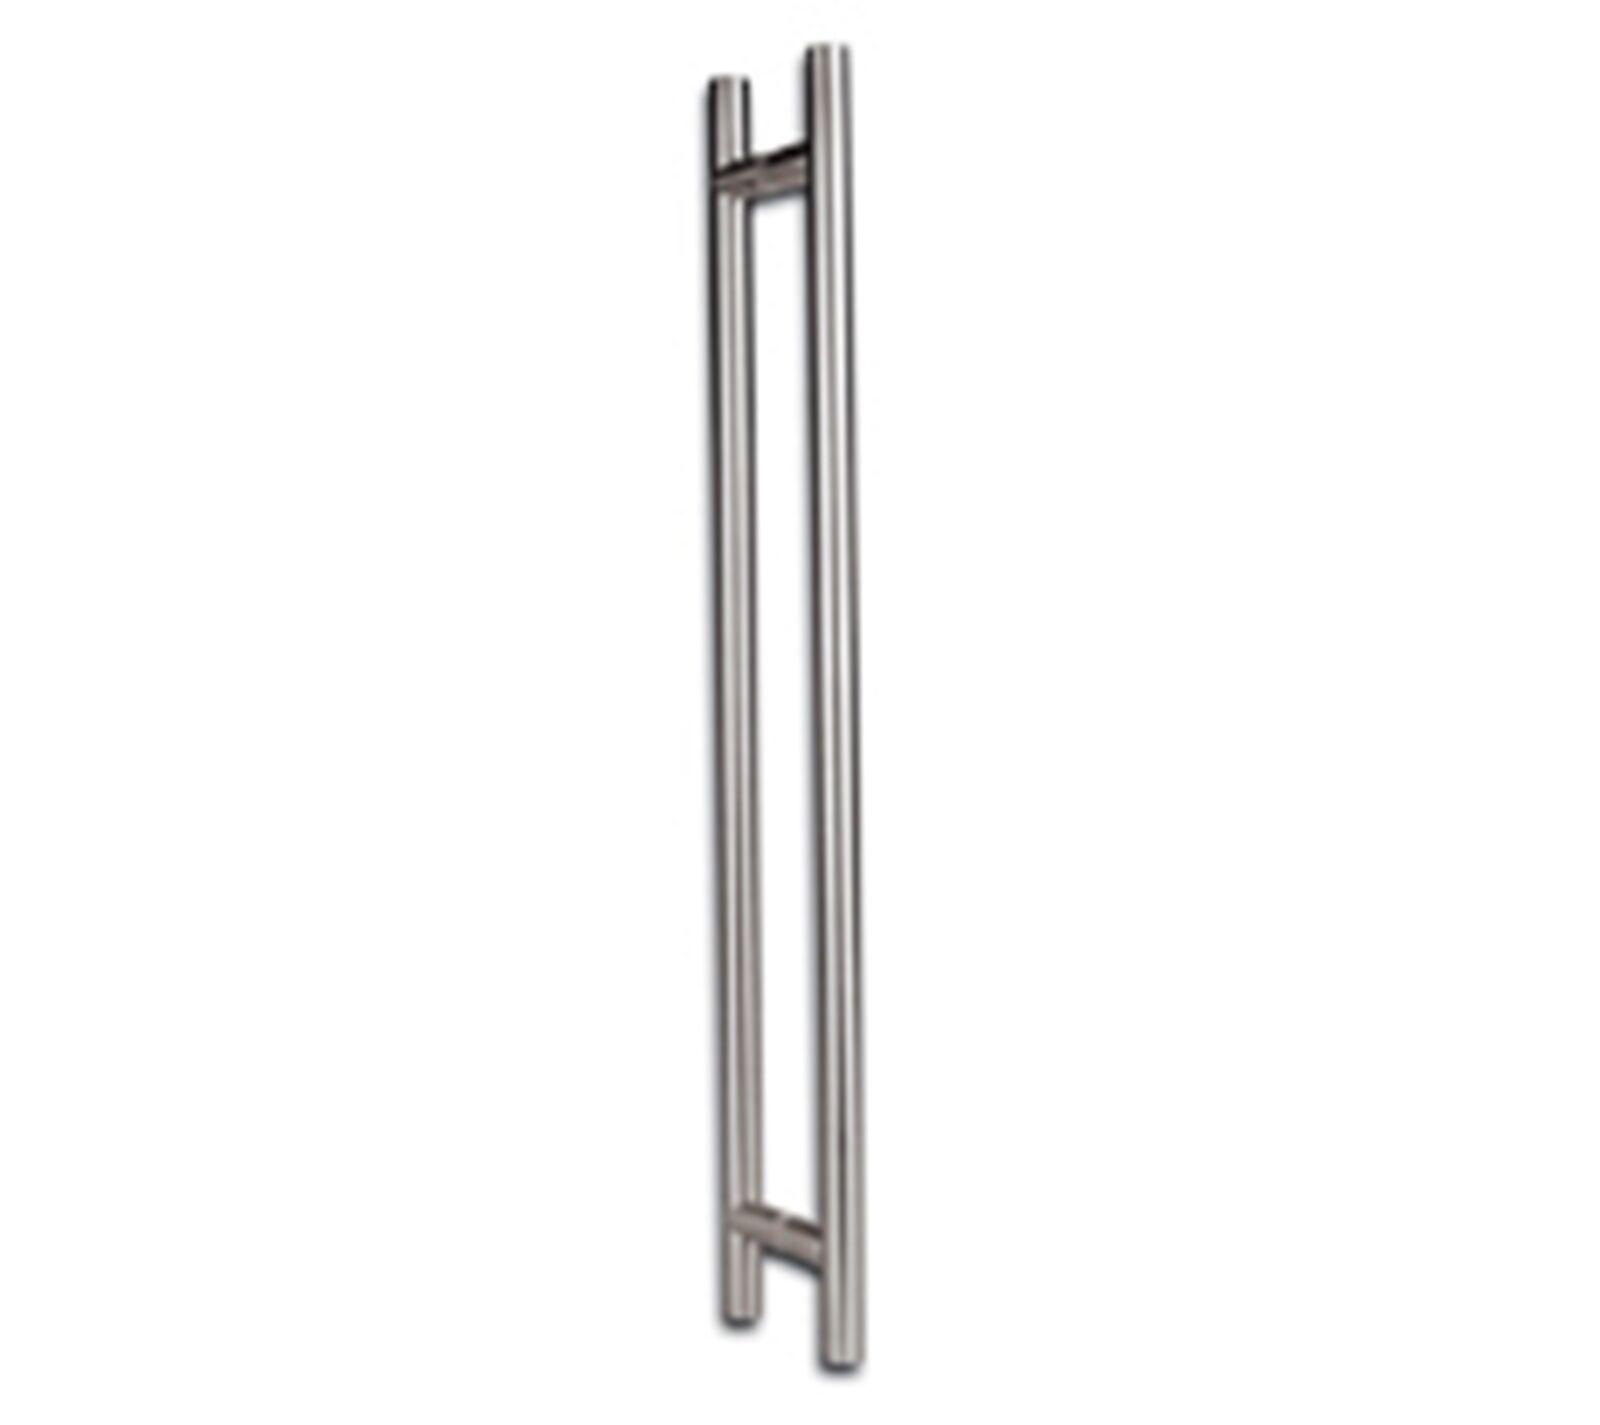 Türgriff für Ganzglastüren ø 19 mm  Länge 25 cm  Griff  Glastürgriffe